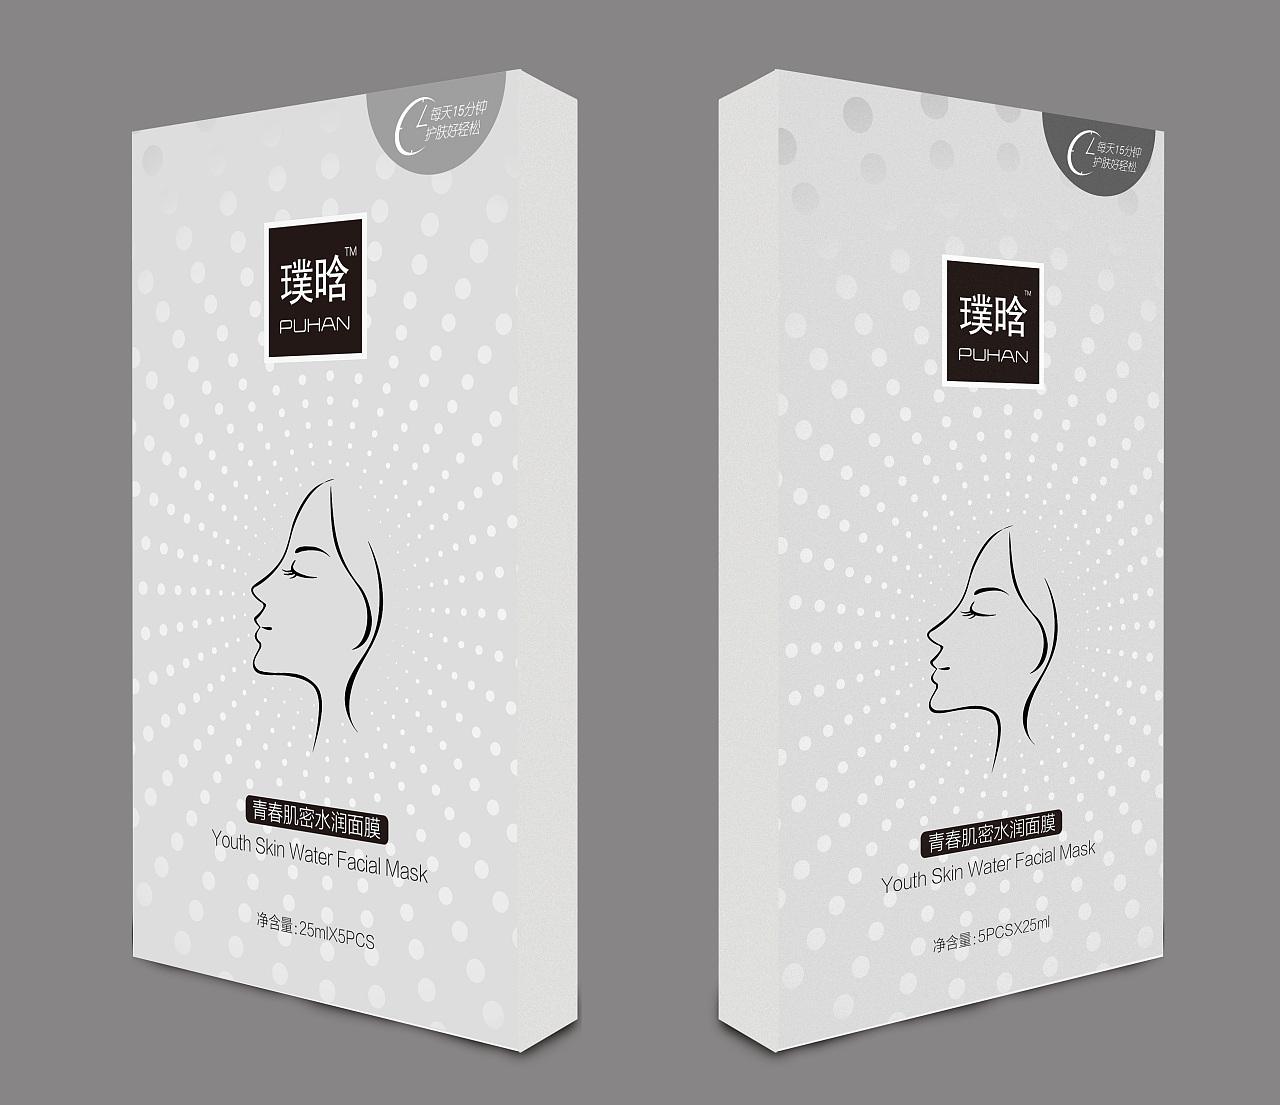 面膜包装设计图片